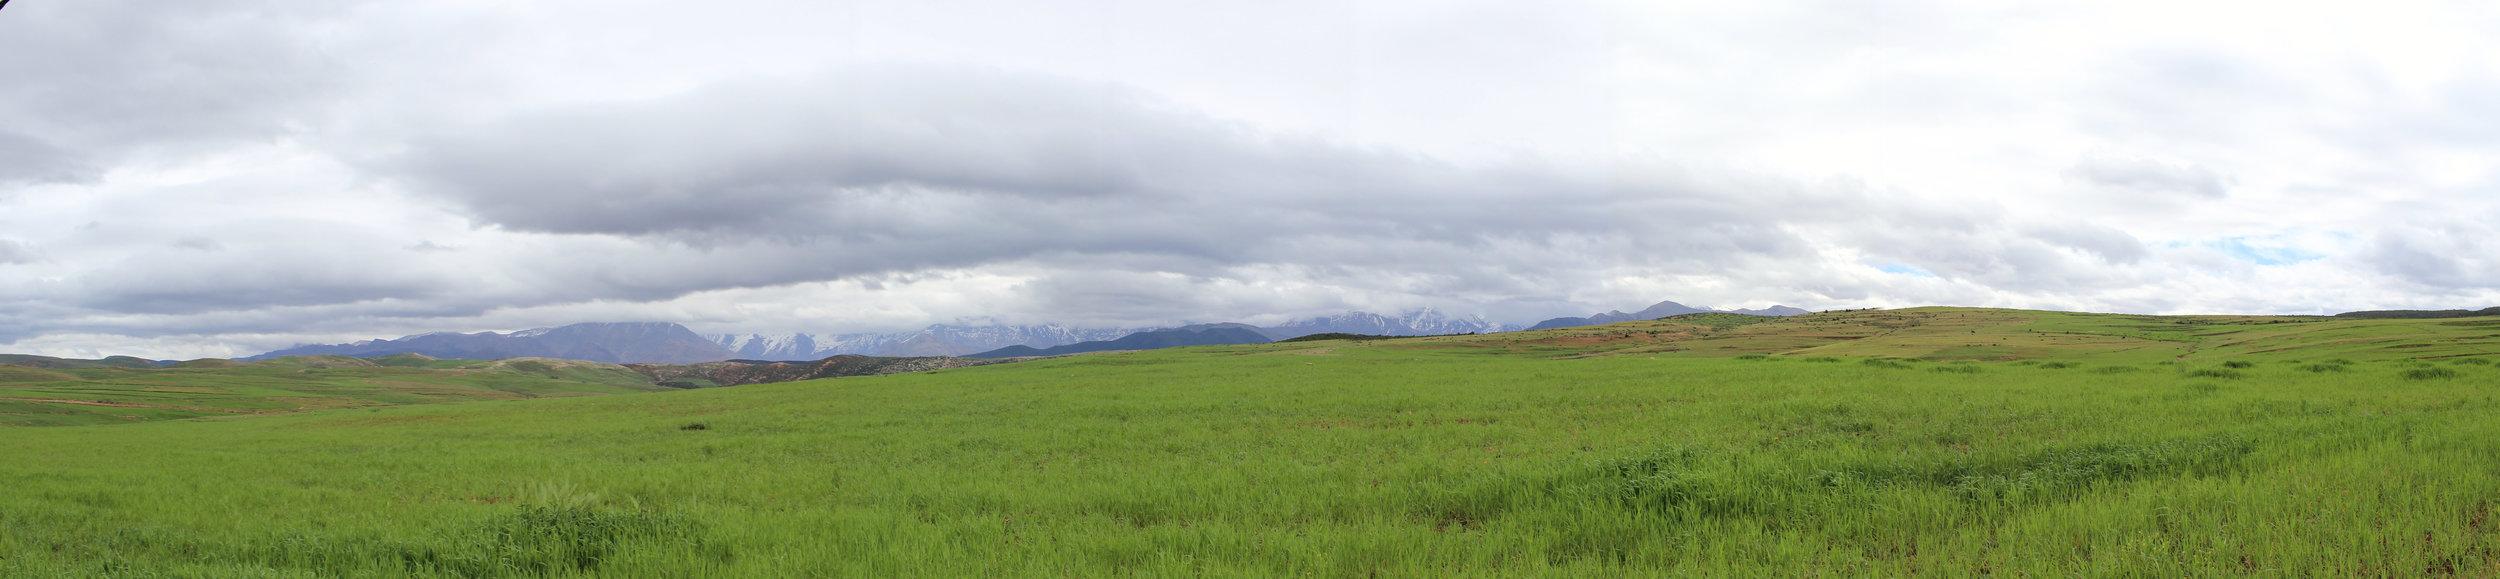 Morocco Running Panorama